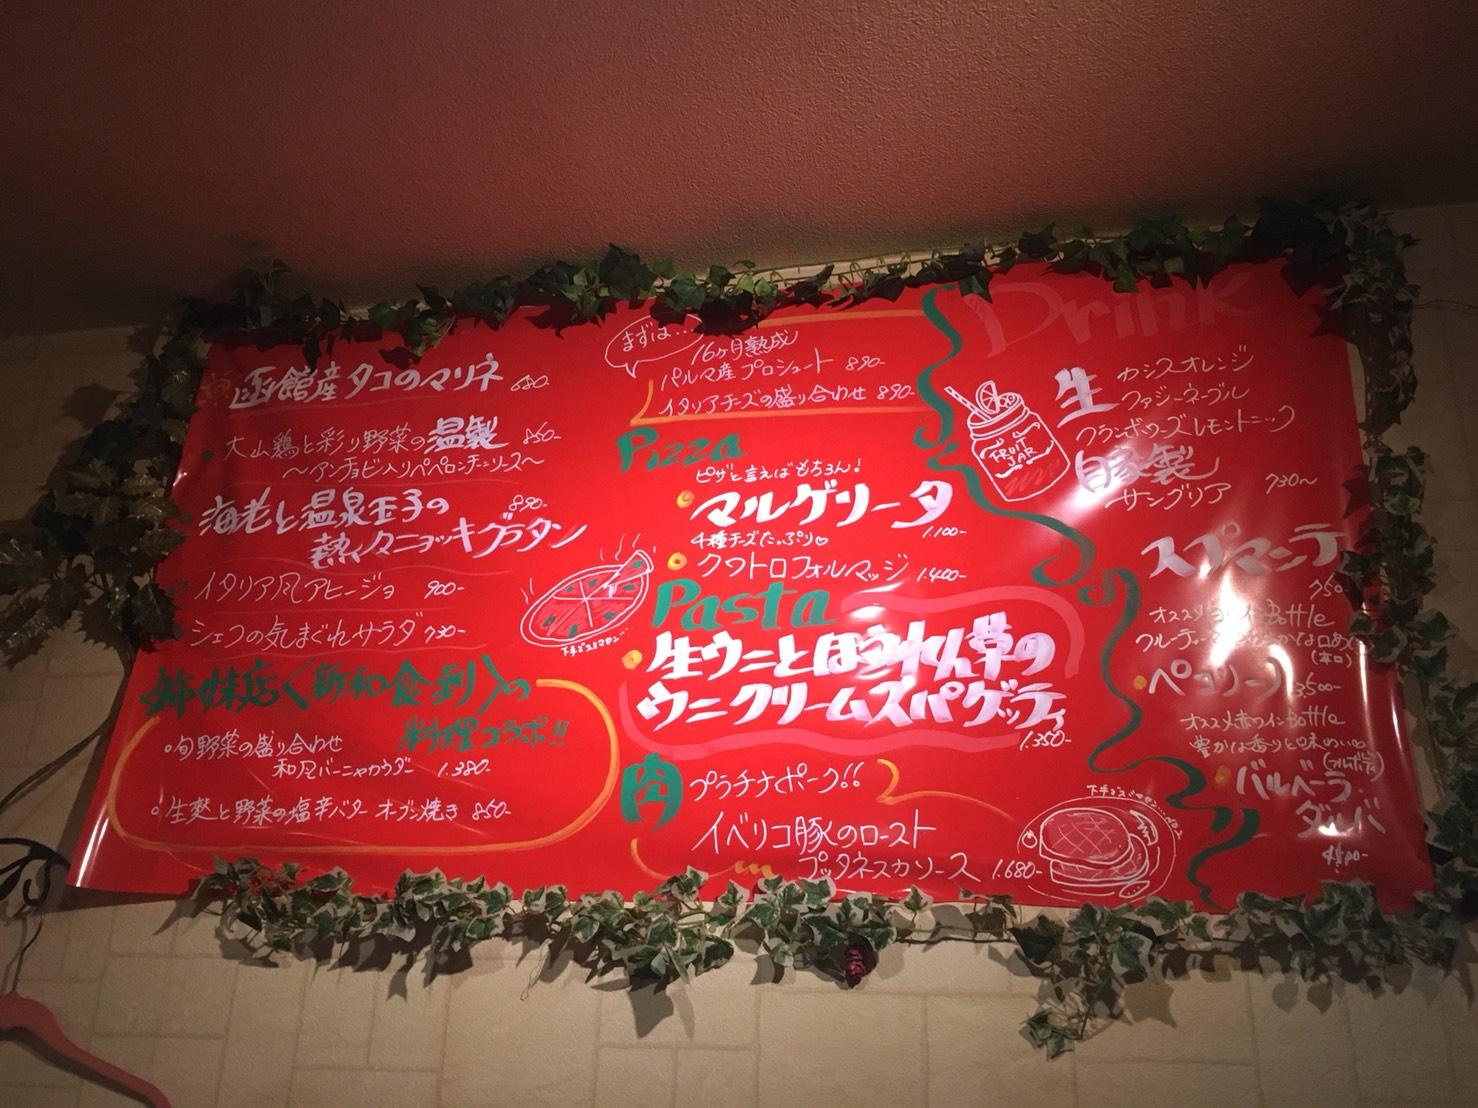 【池袋駅】おっとり系イタリアン「トラットリア・コン・アマーレ」の店内おすすめメニュー